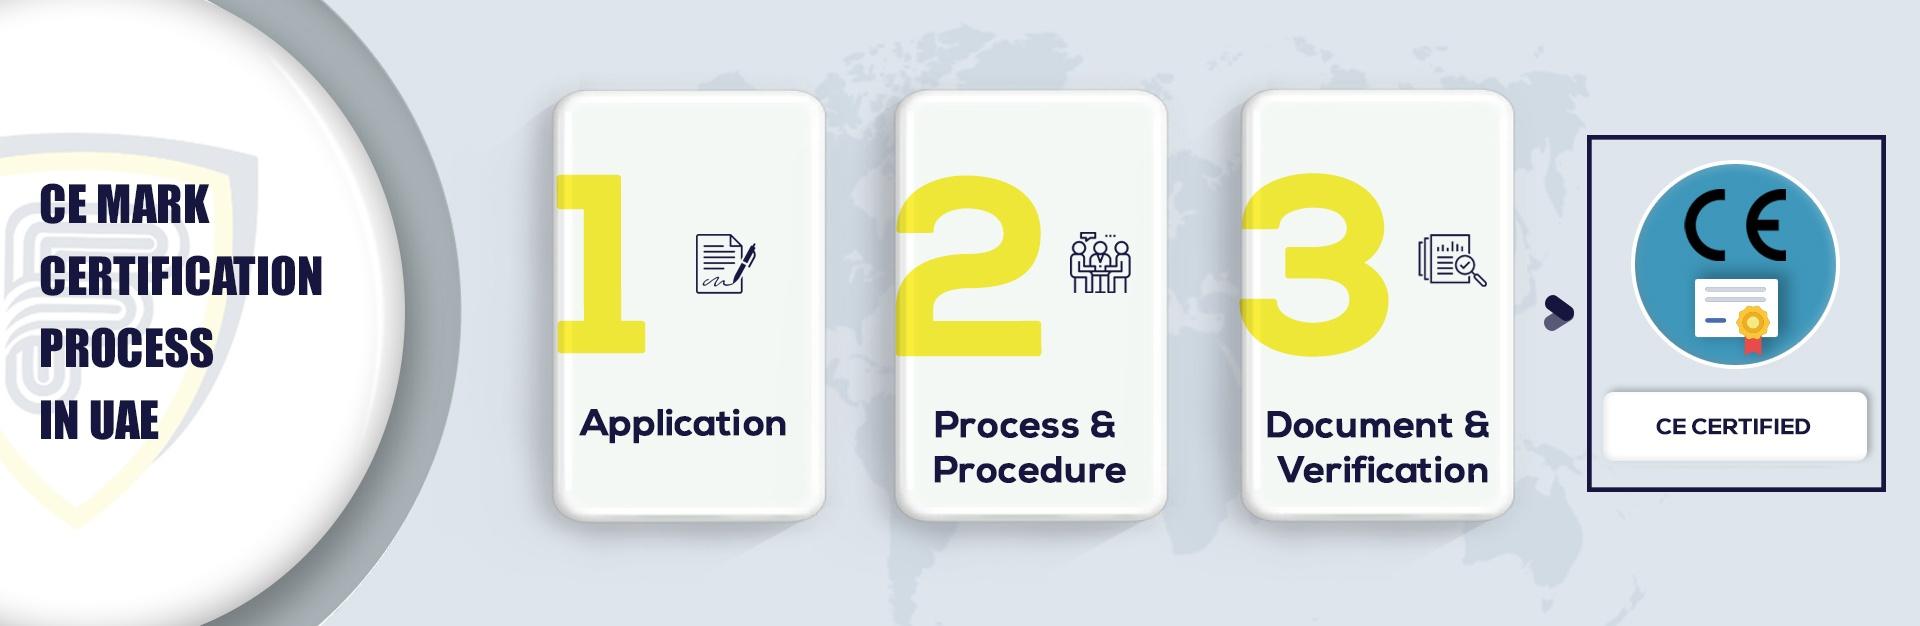 CE Mark Certification in UAE